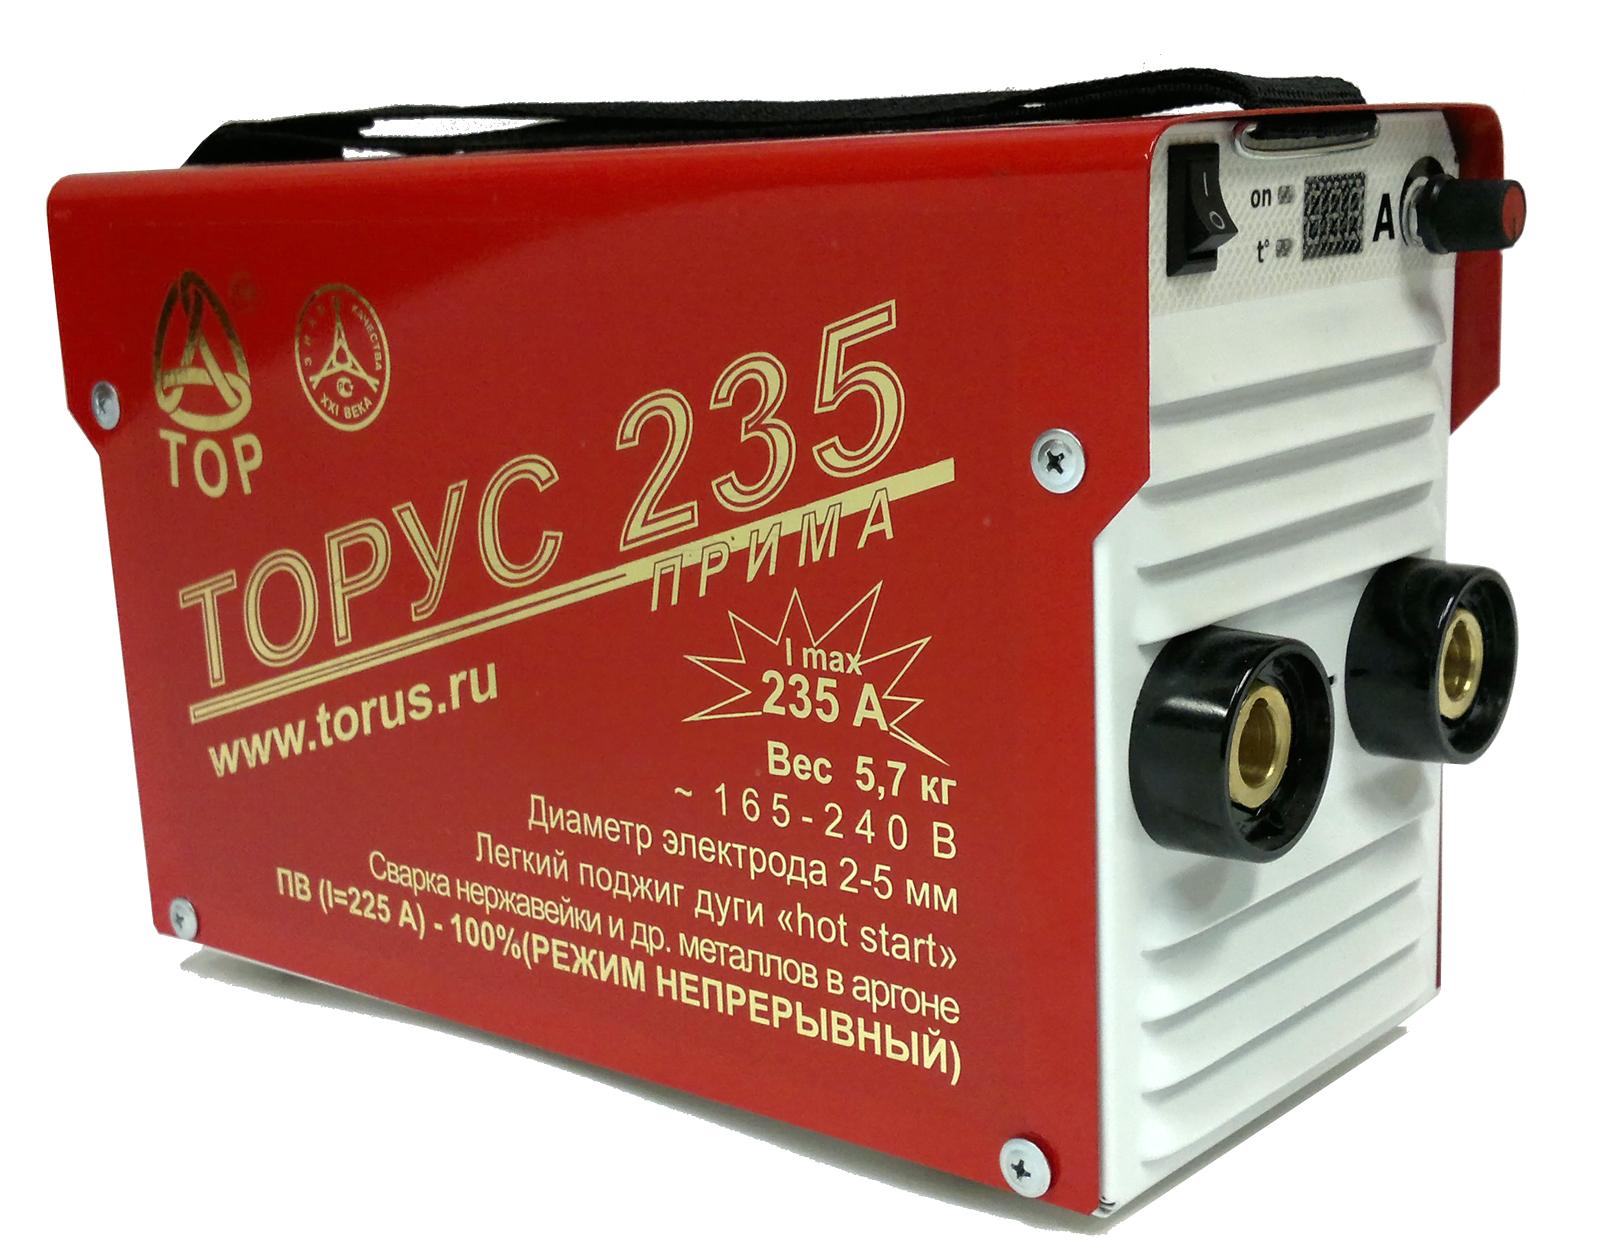 Сварочный аппарат ТОРУС 235 ПРИМА + провода